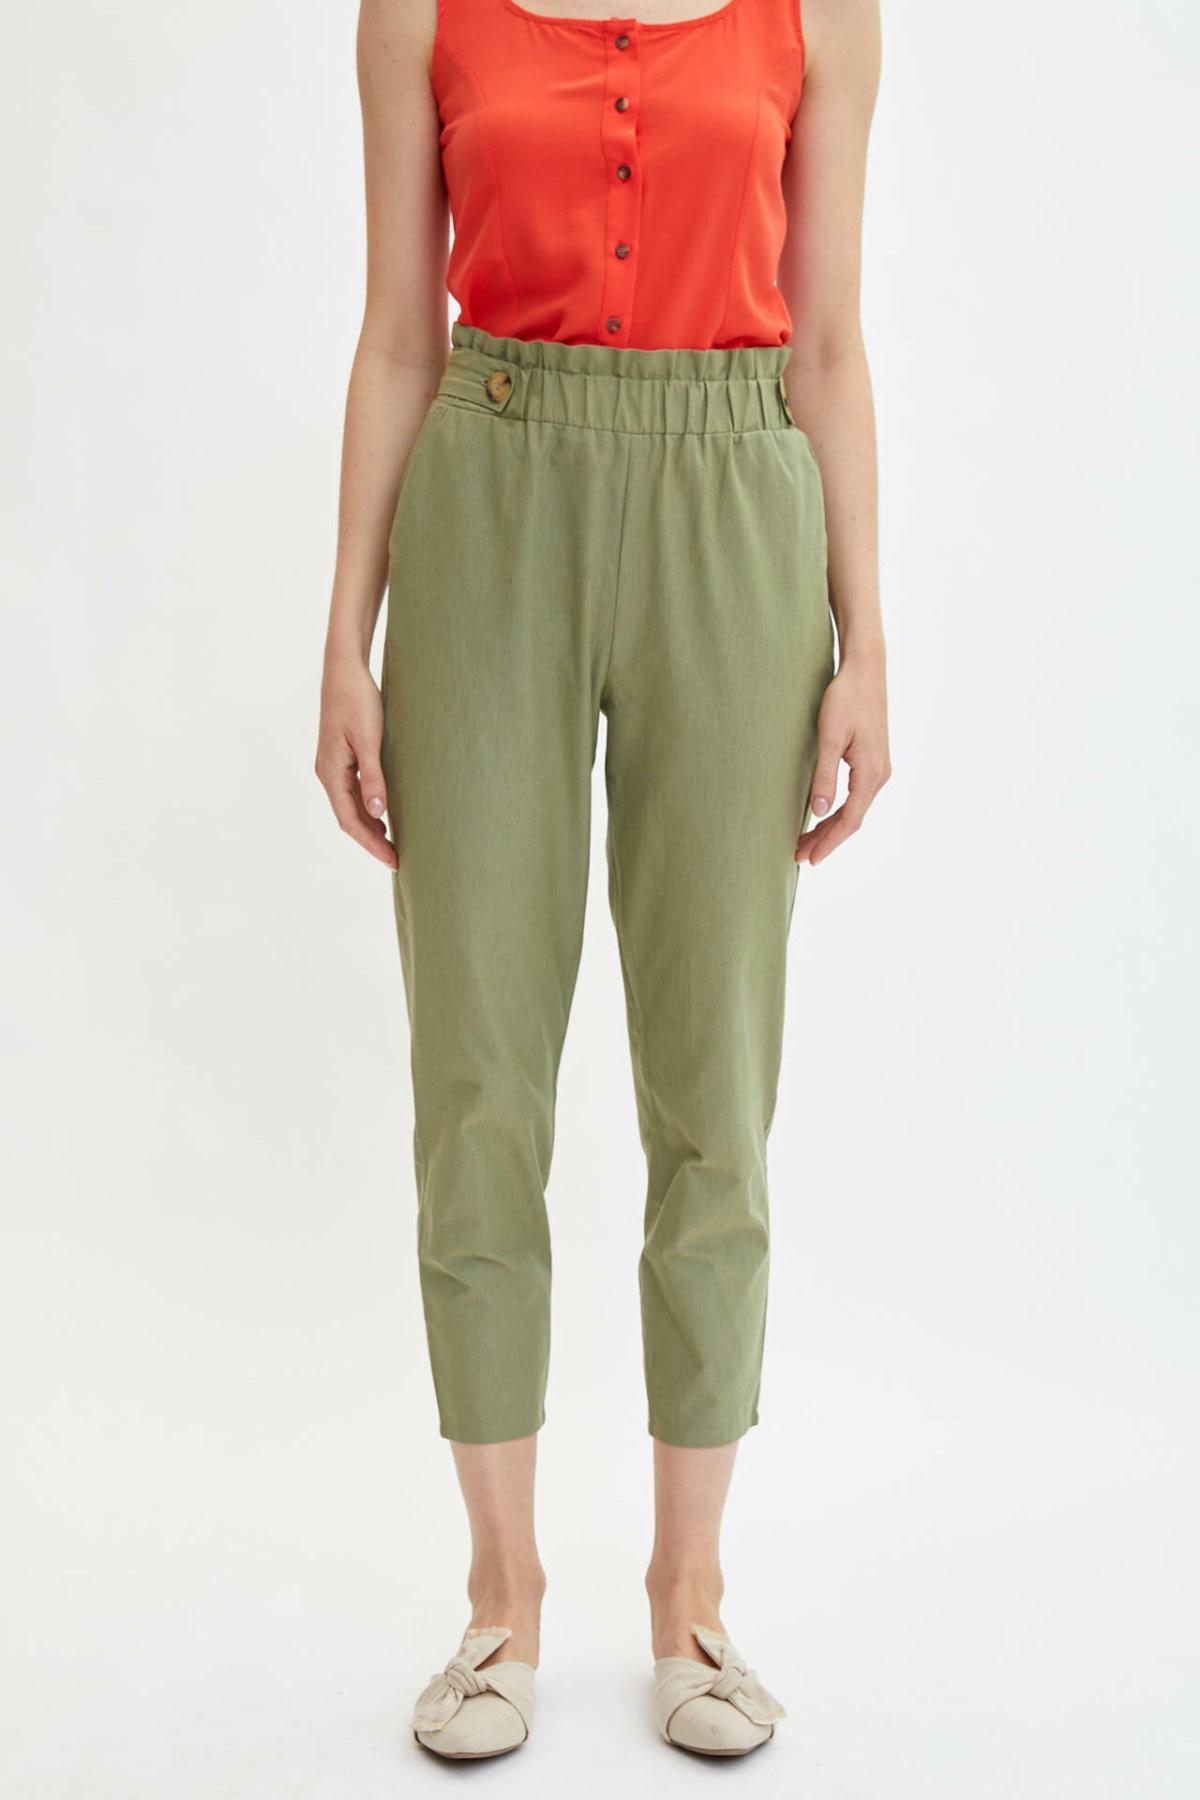 DeFacto Fashion Women Elastic Waist Pants Solid Color Casual Ladies Loose Button Trousers Female Comfort - 1176AZ19HS